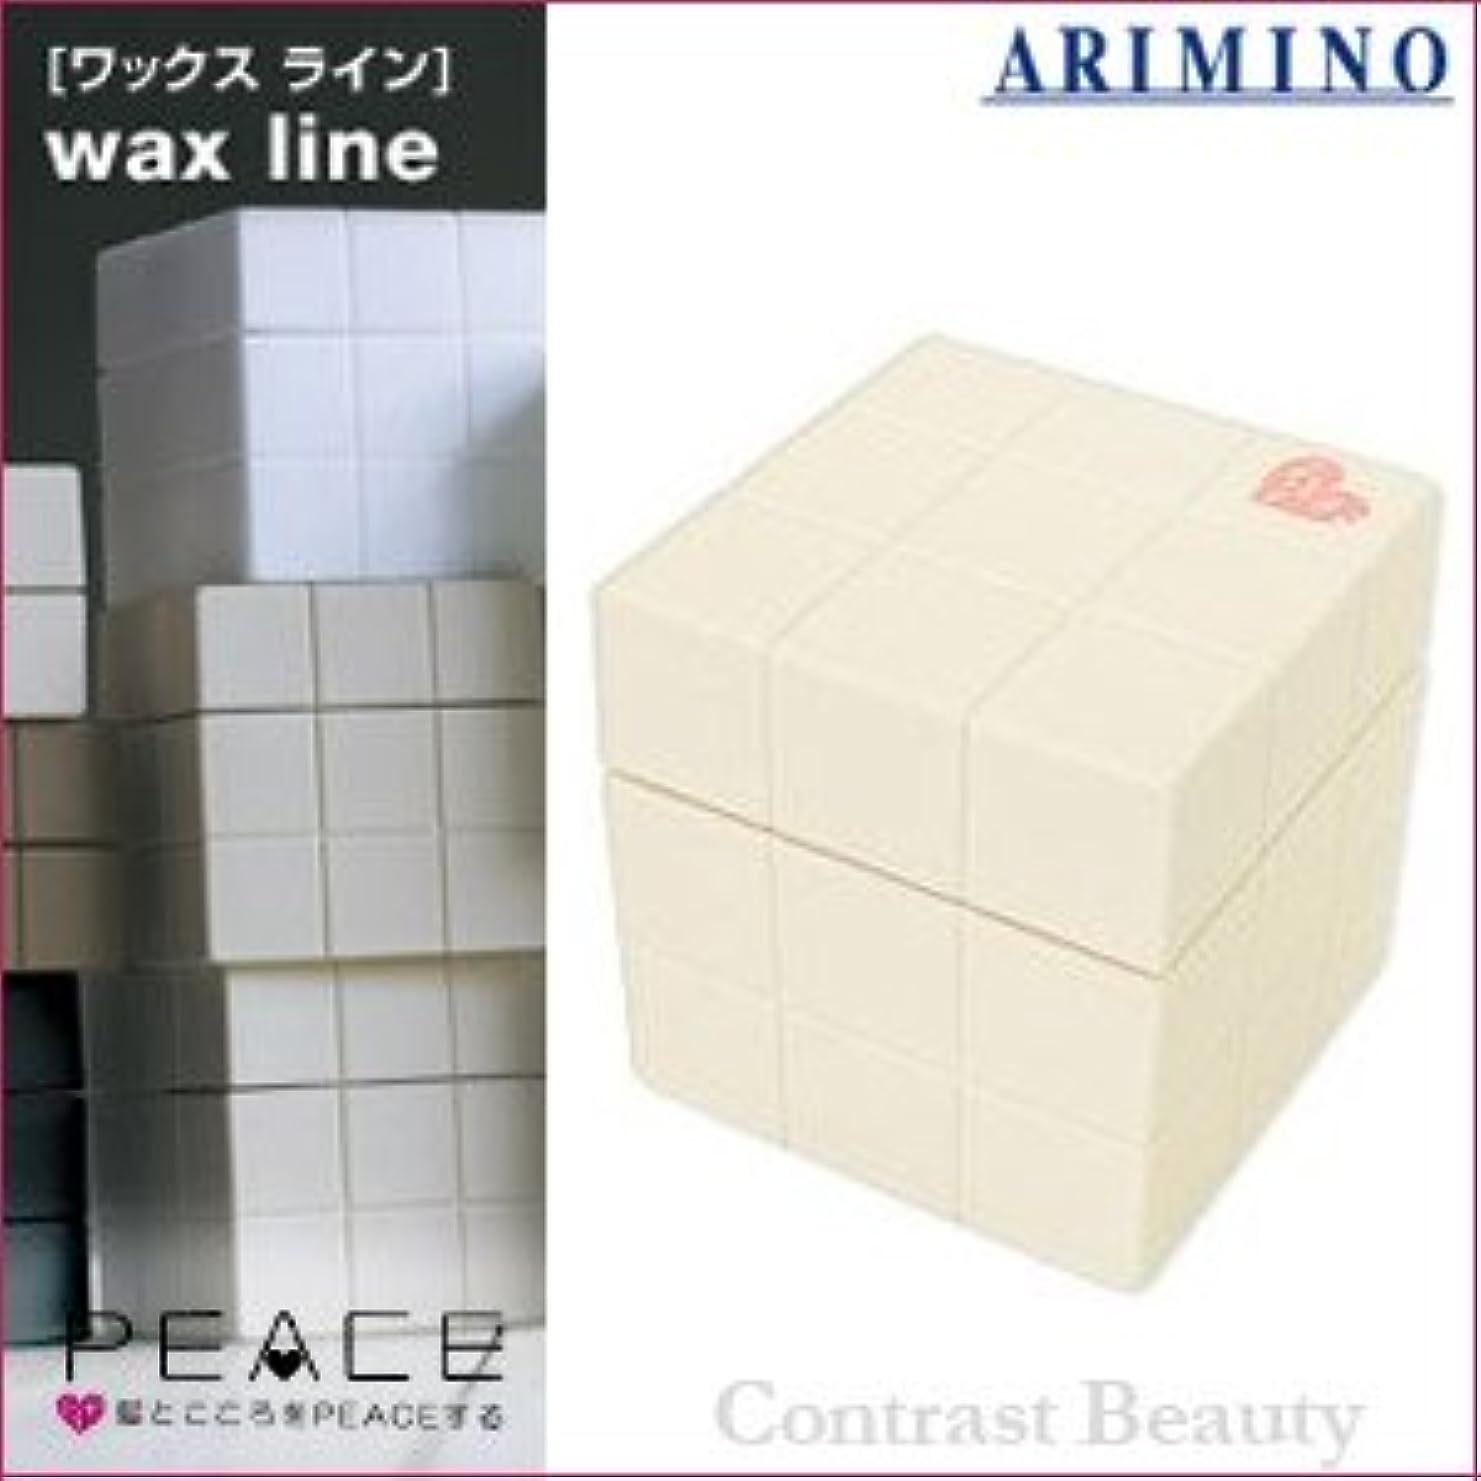 耐えられない空虚無限大【X3個セット】 アリミノ ピース プロデザインシリーズ ニュアンスワックス バニラ 80g ARIMINO